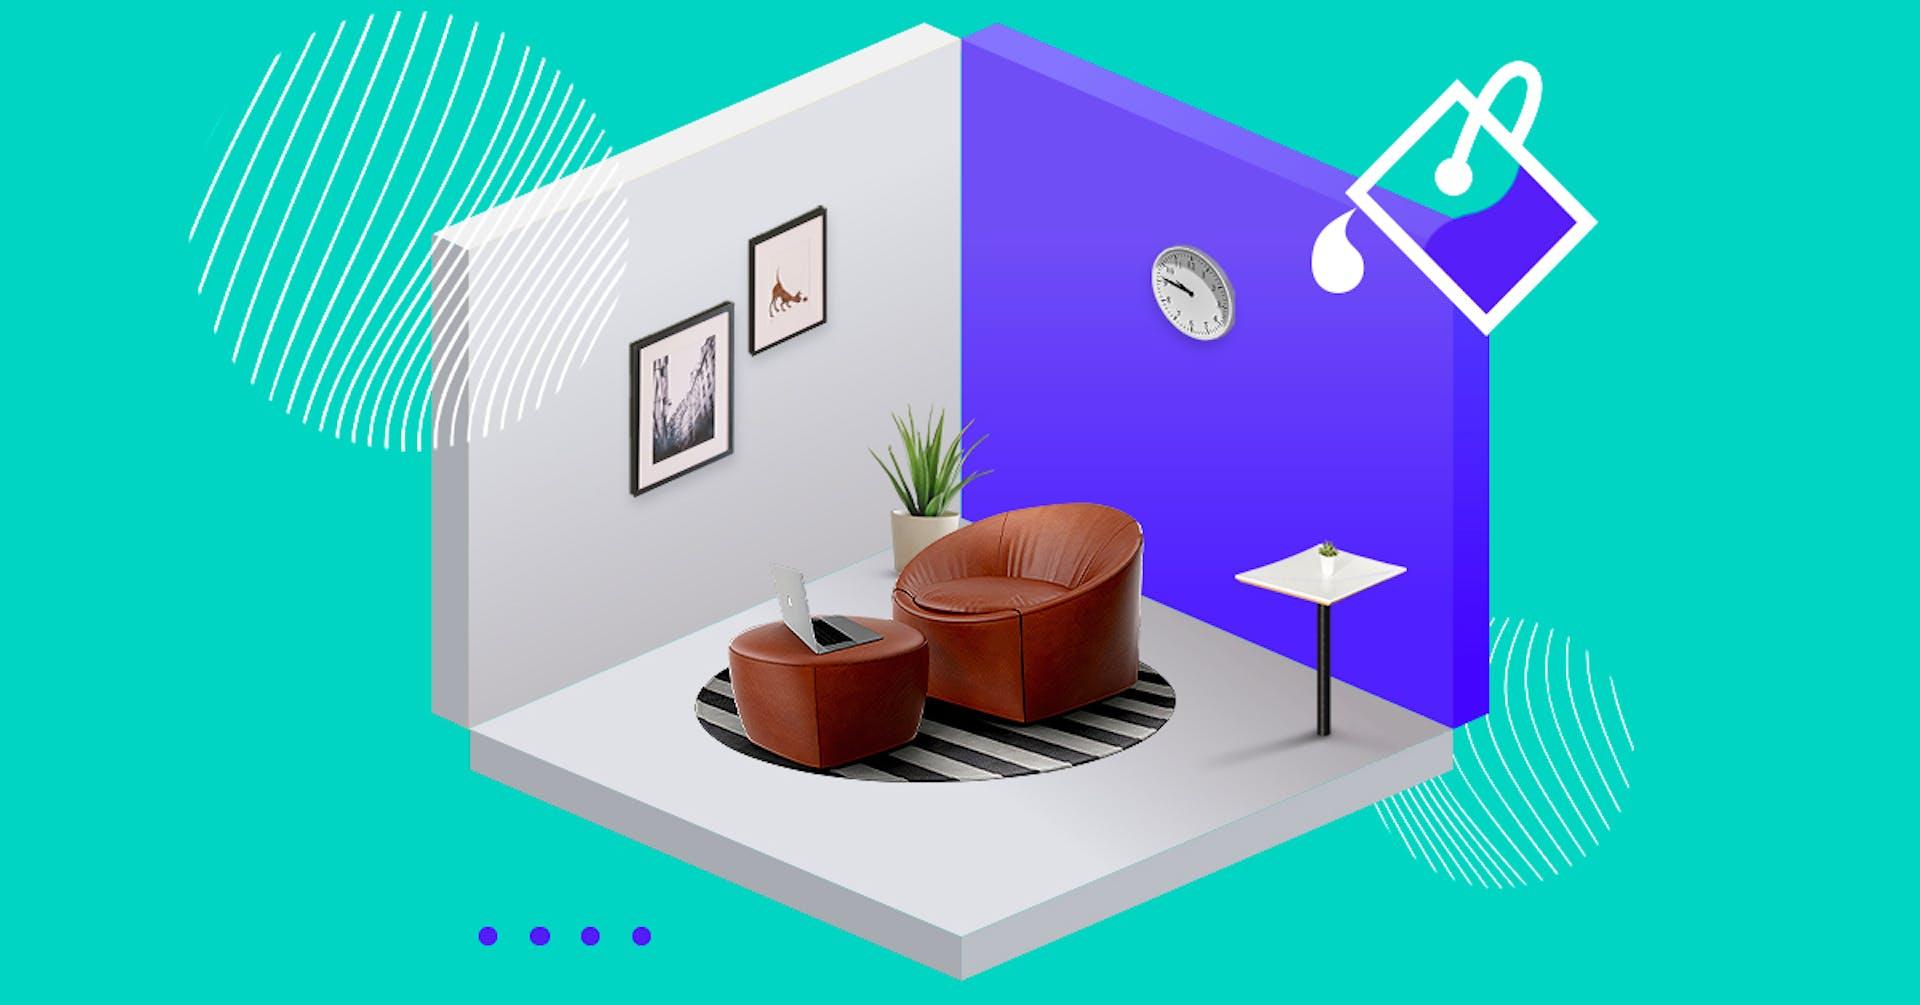 ¡Últimas tendencias de colores para interiores de casas pequeñas que te subirán el ánimo en 2021!